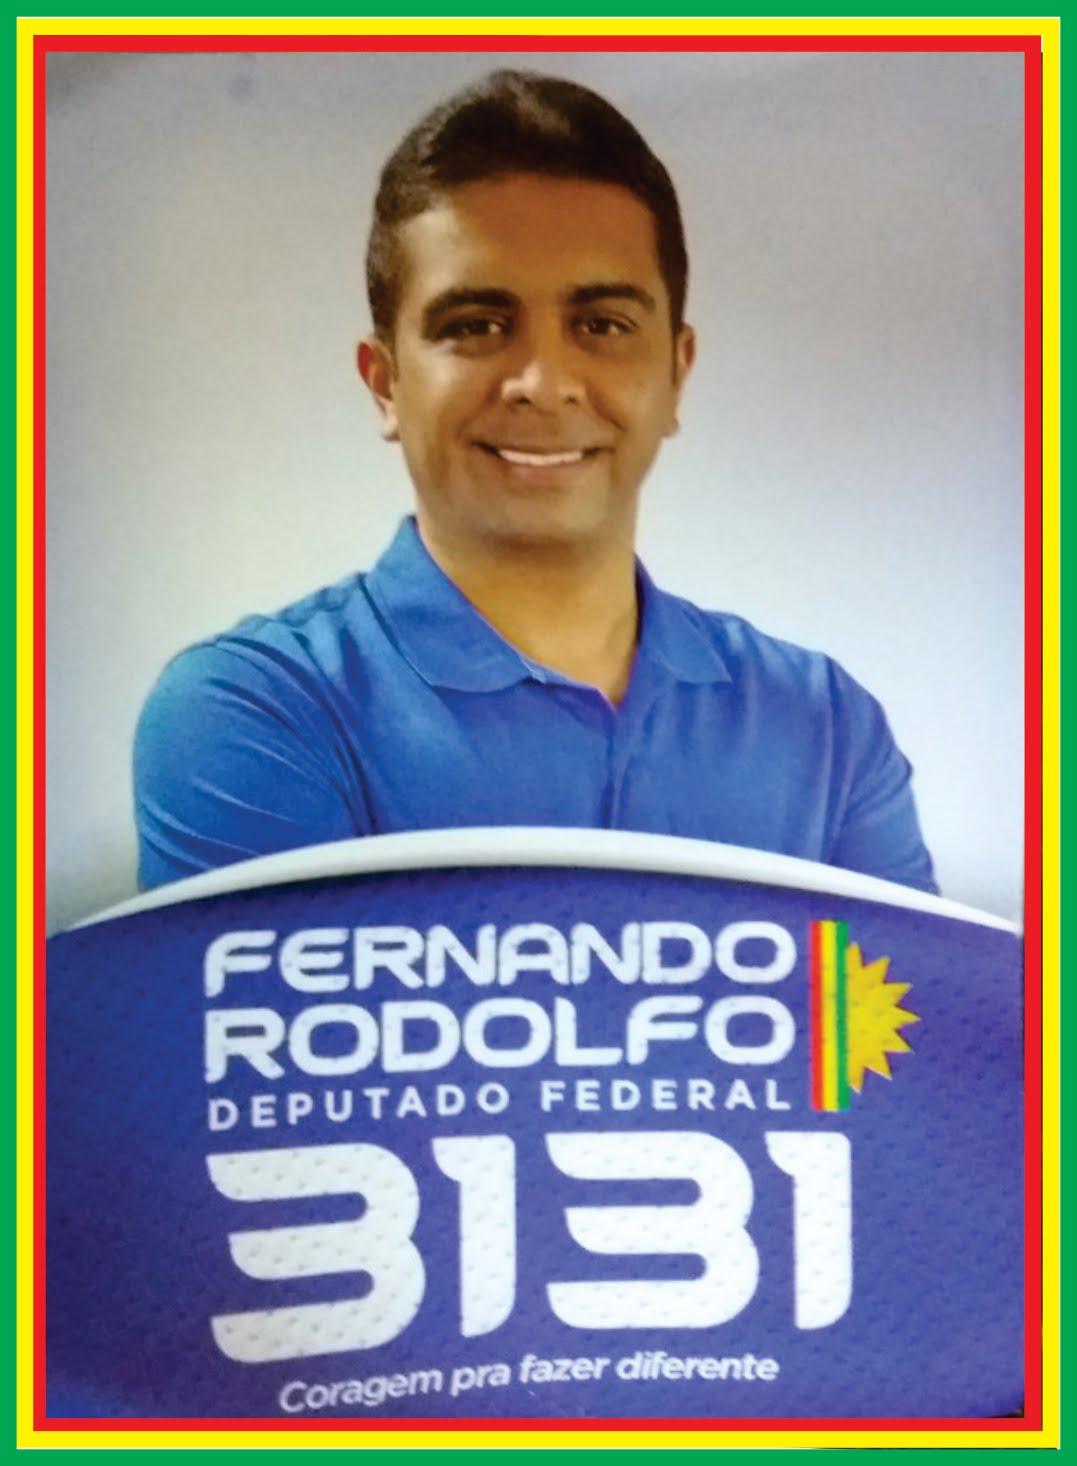 FERNANDO RODOLFO será o Deputado Federal  MAJORITÁRIO  em Garanhuns